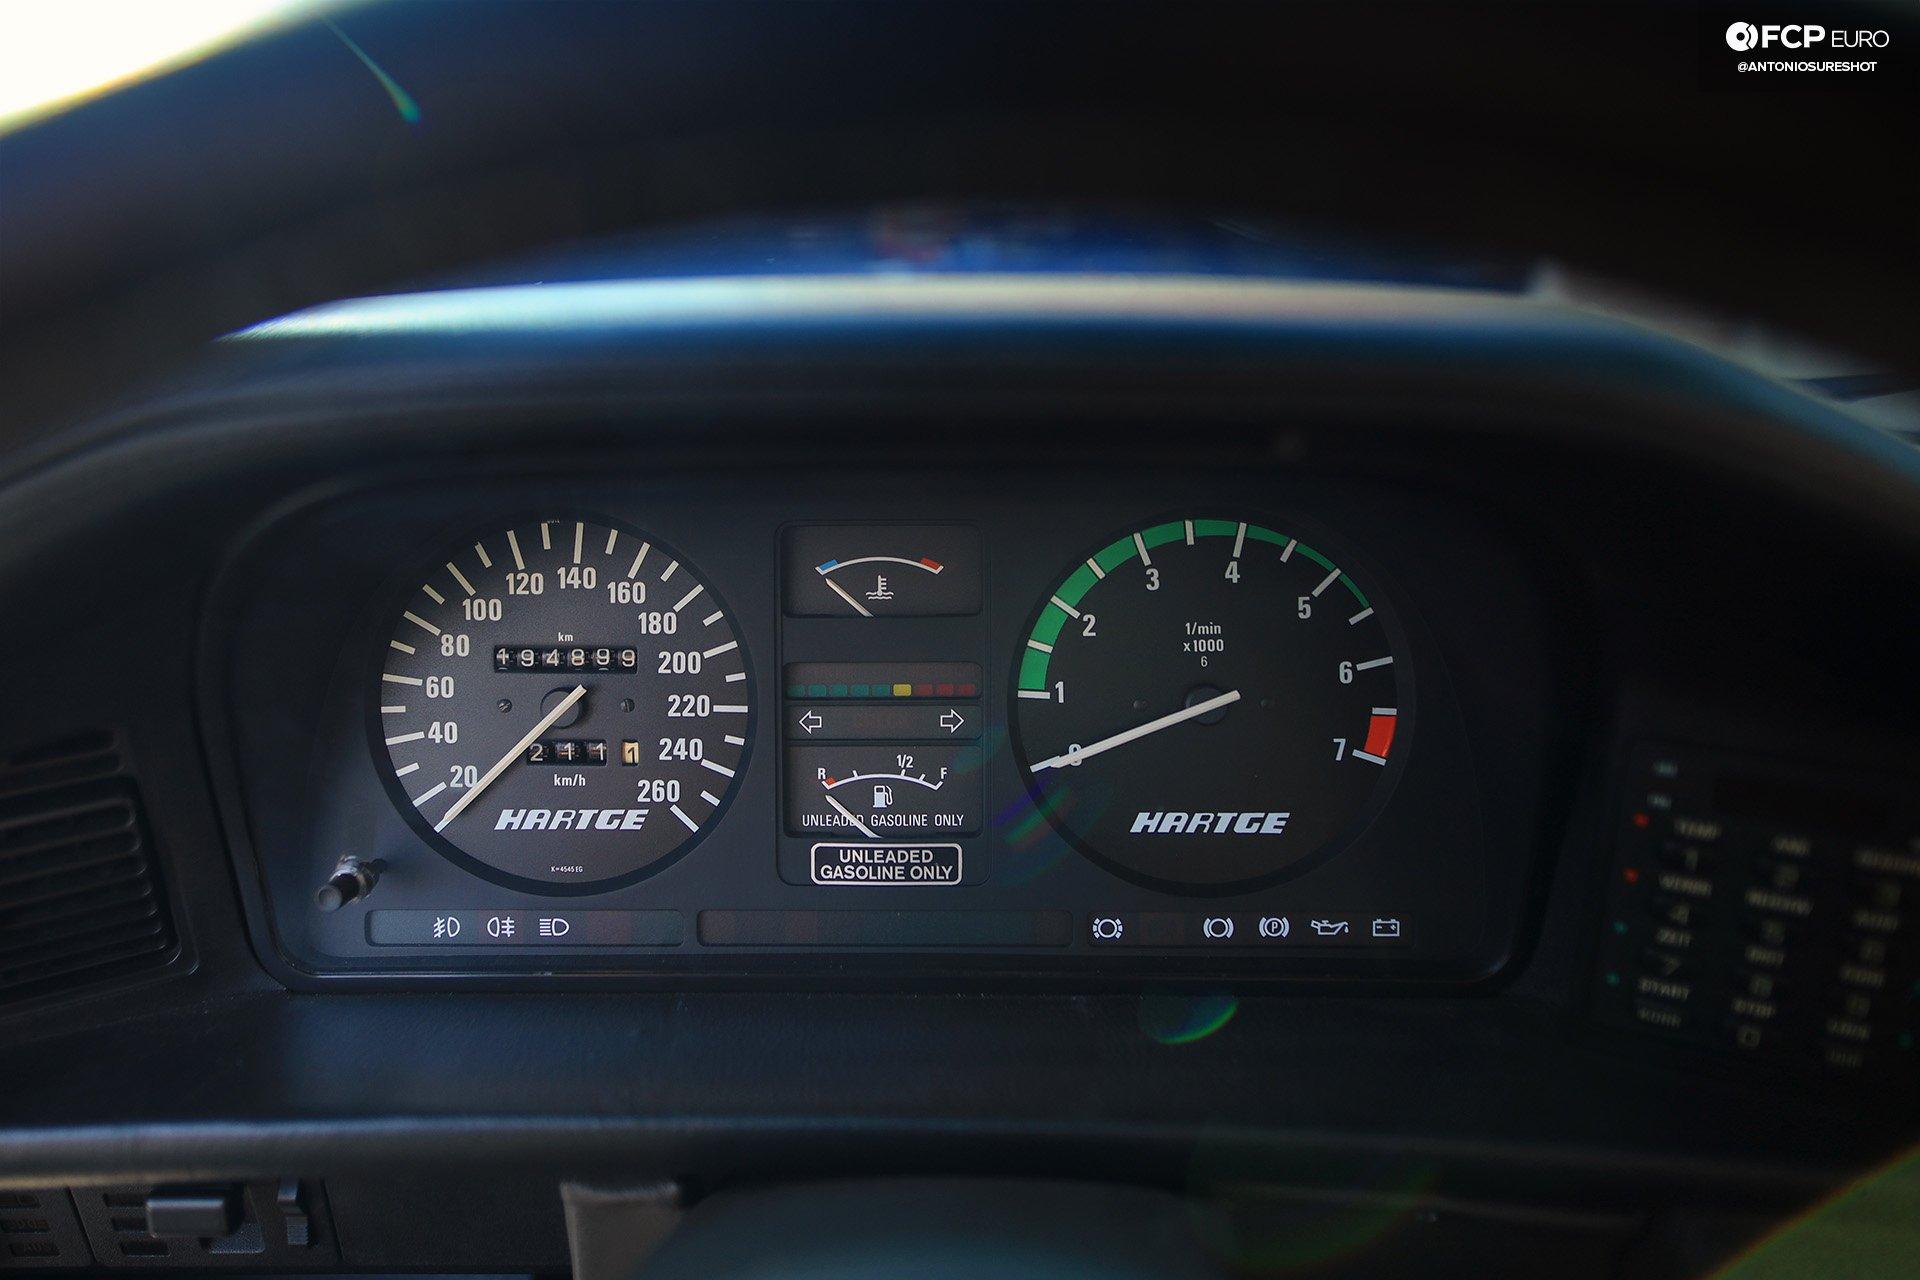 Hartge E28 BMW 535i EOSR5569